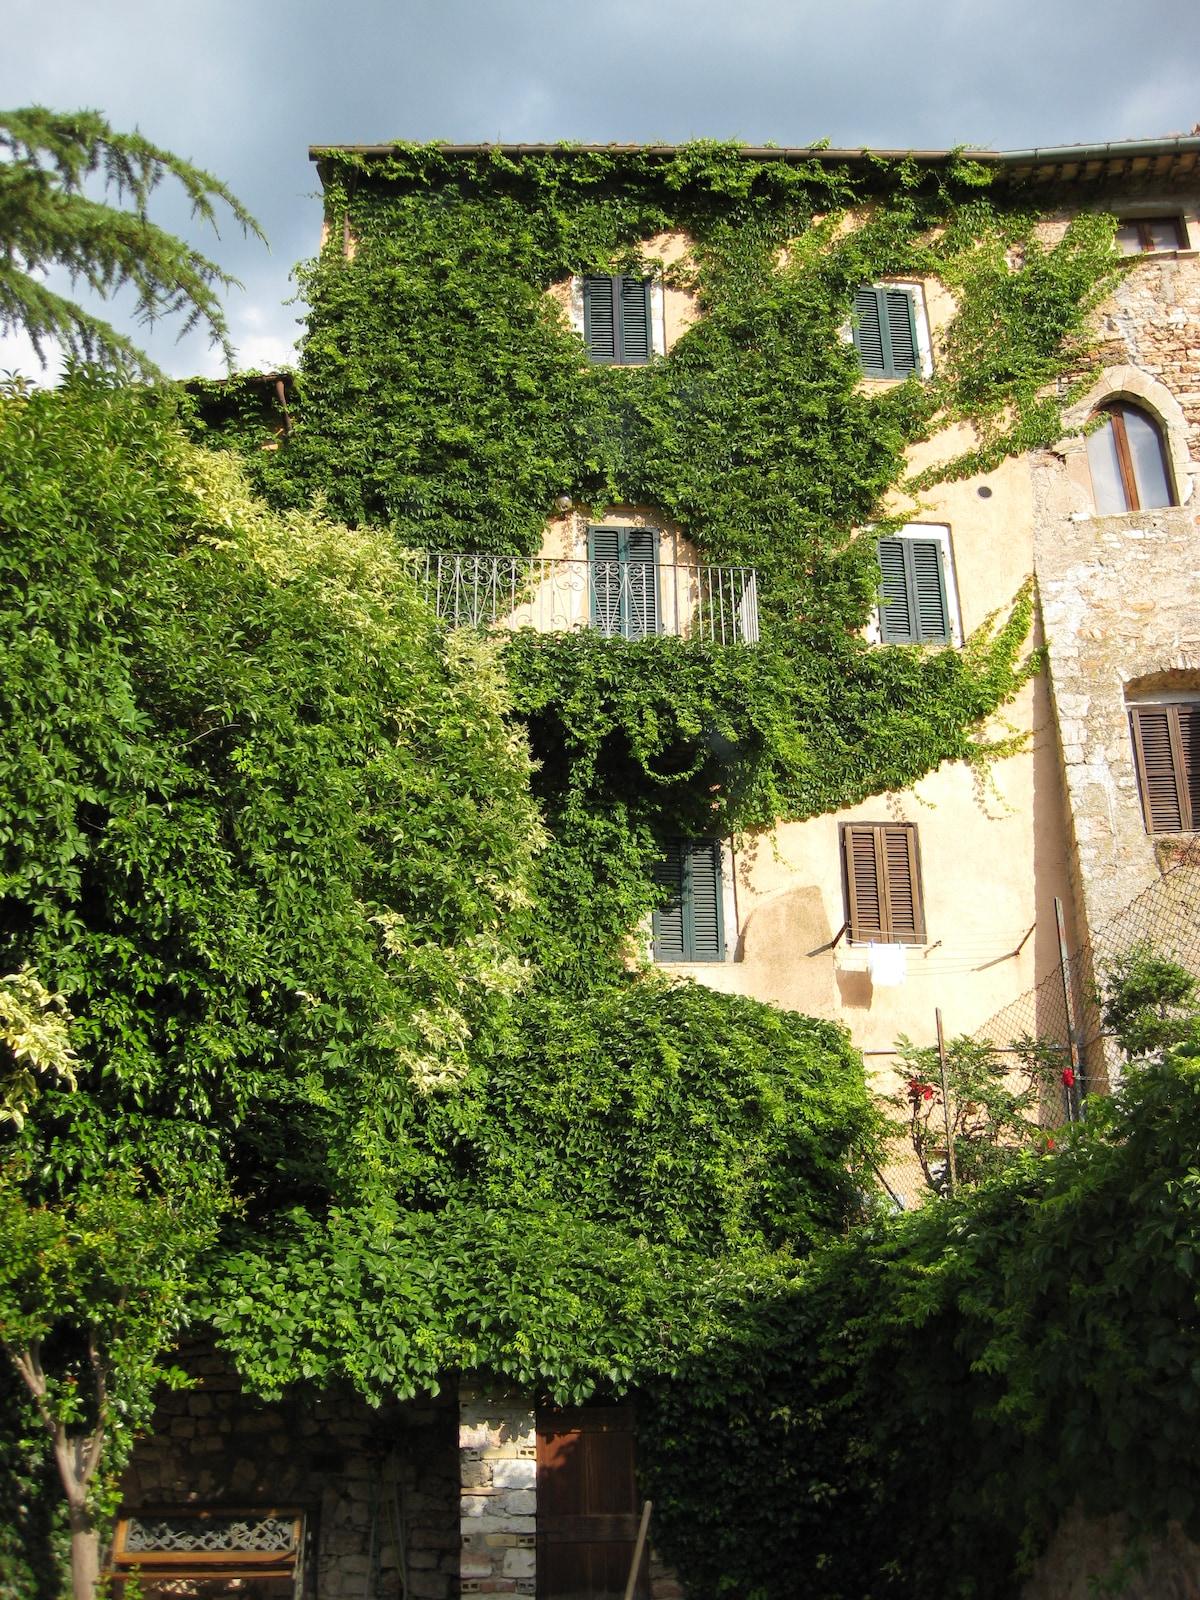 La Torre from Cerreto di Spoleto